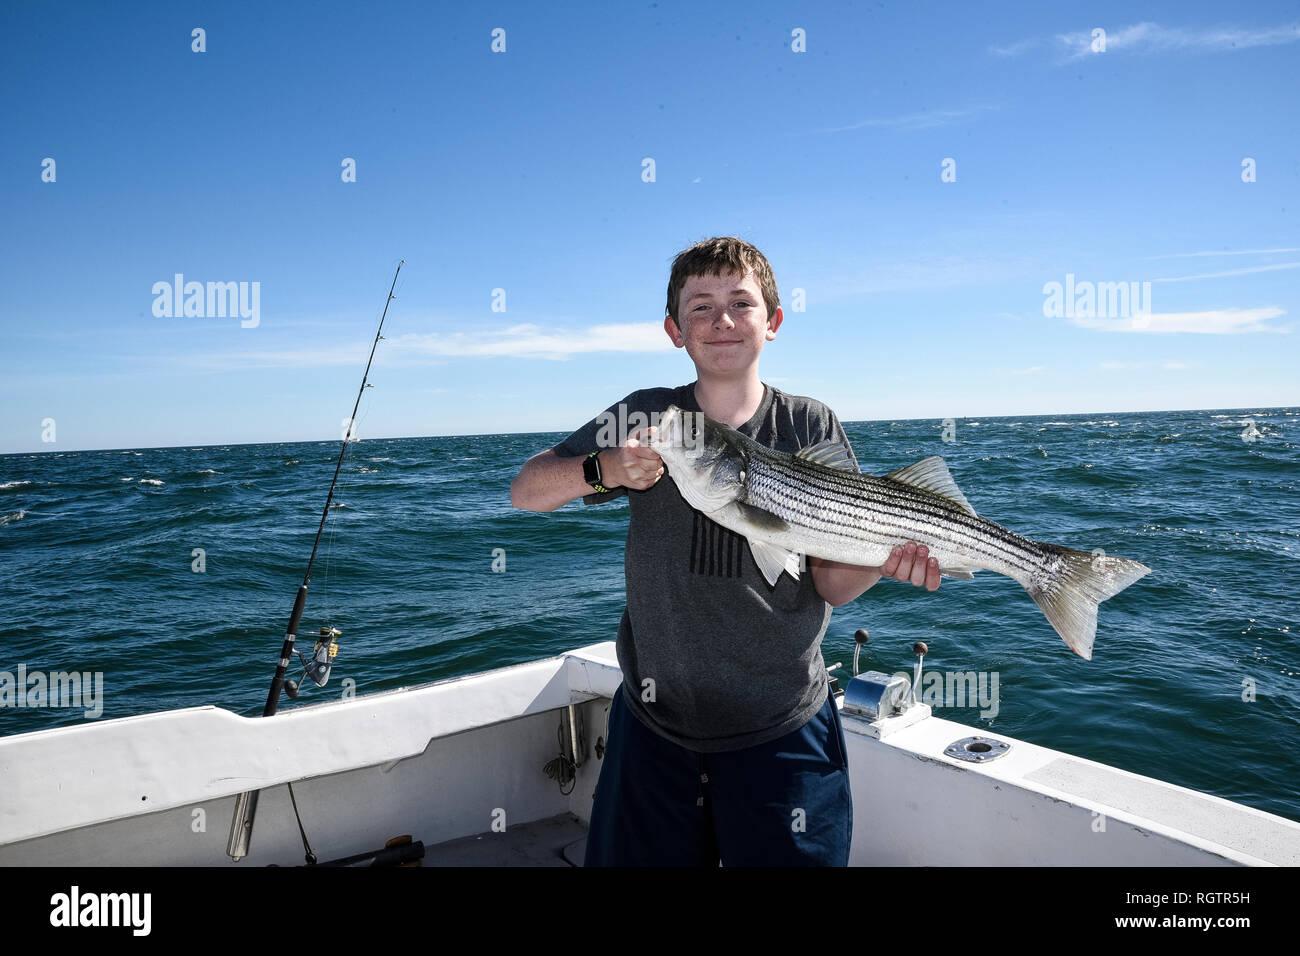 Orgoglioso ragazzo con pesce catturato in mare profondo escursione di pesca. Foto Stock